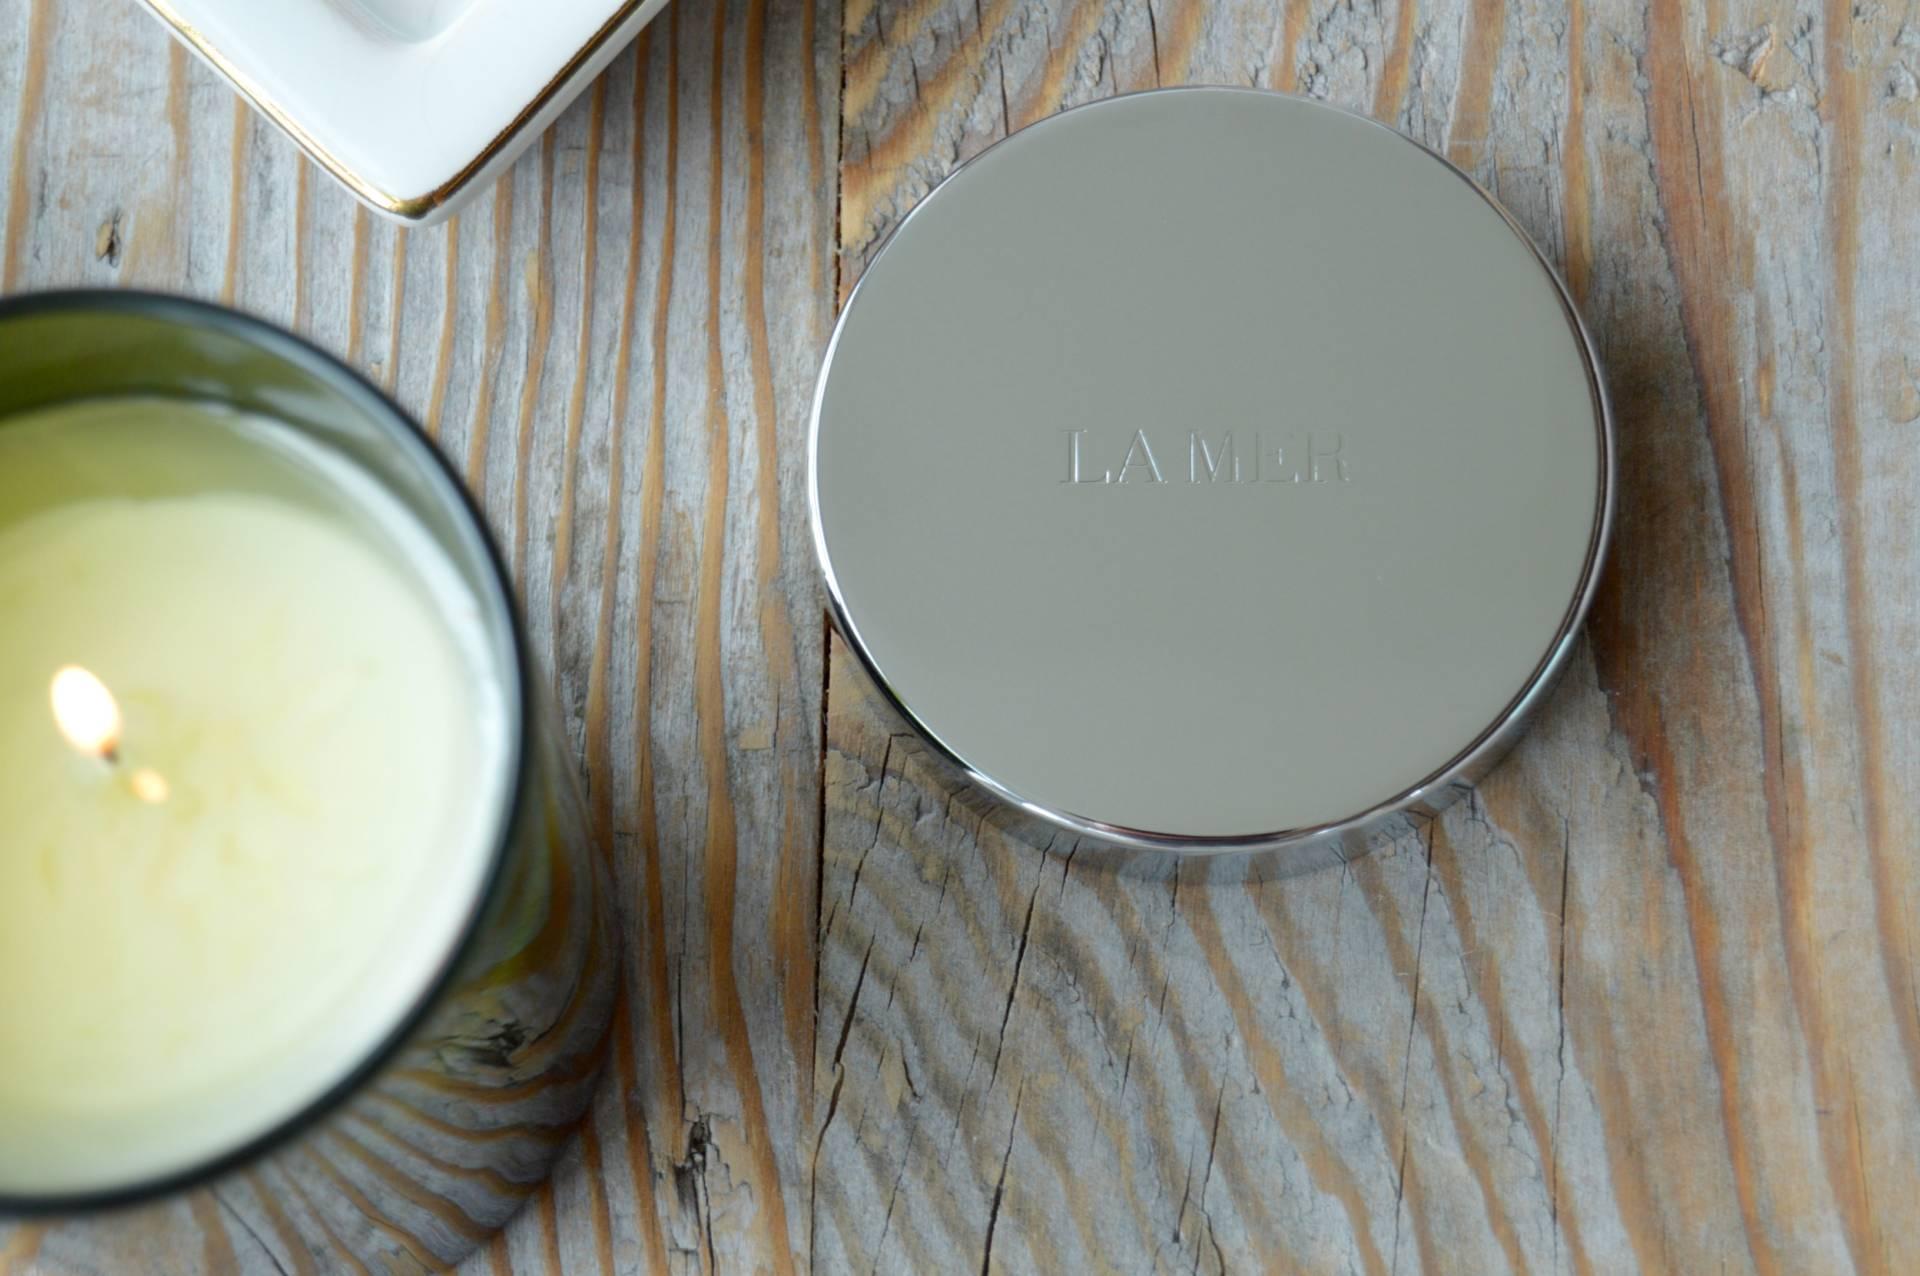 la mer candle engraved lid review inhautepursuit in haute pursuit